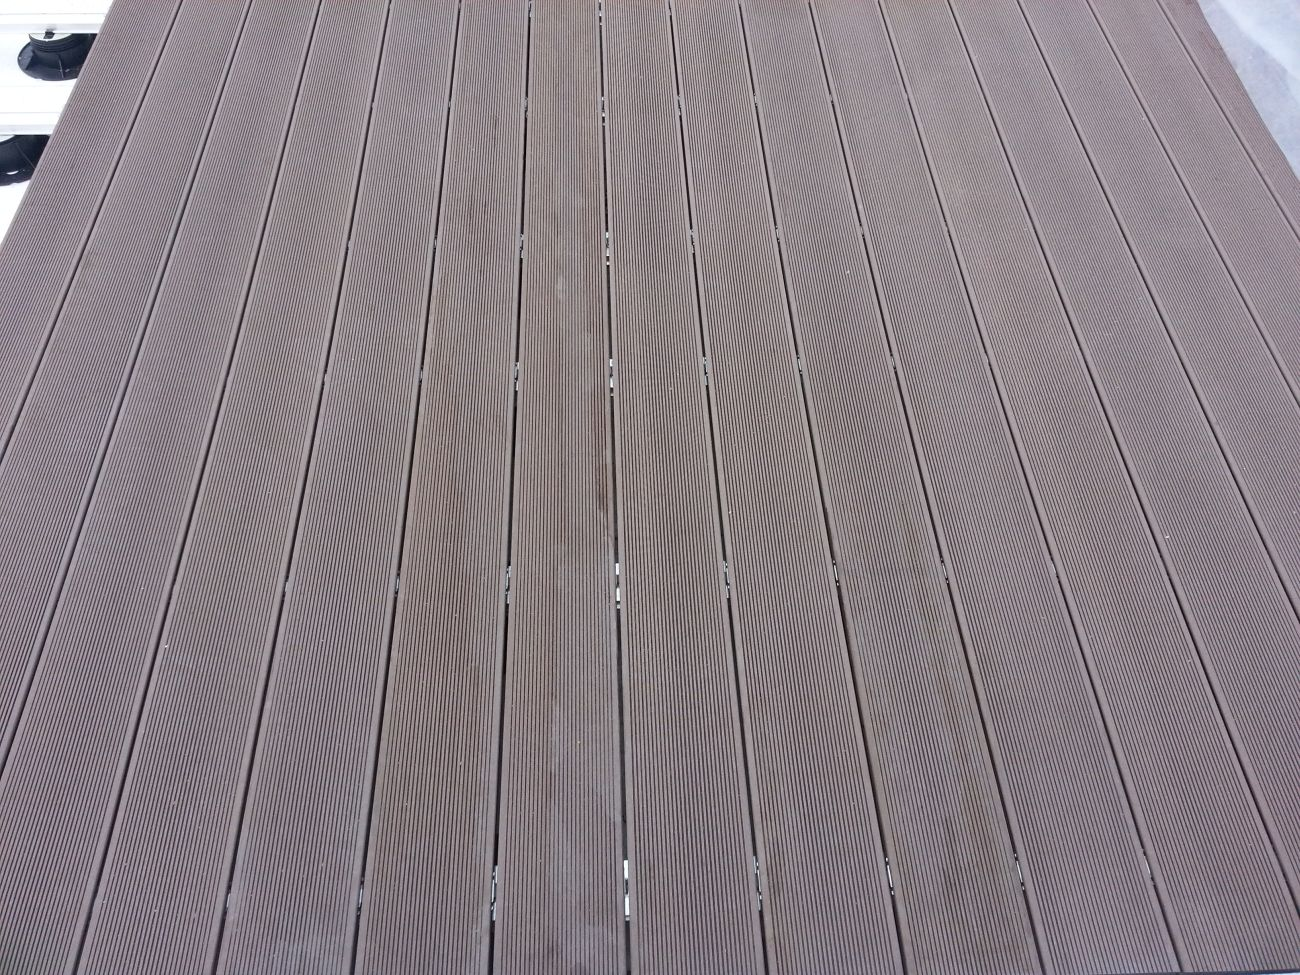 parquet per esterni by Soriano pavimenti Induno Olona  39